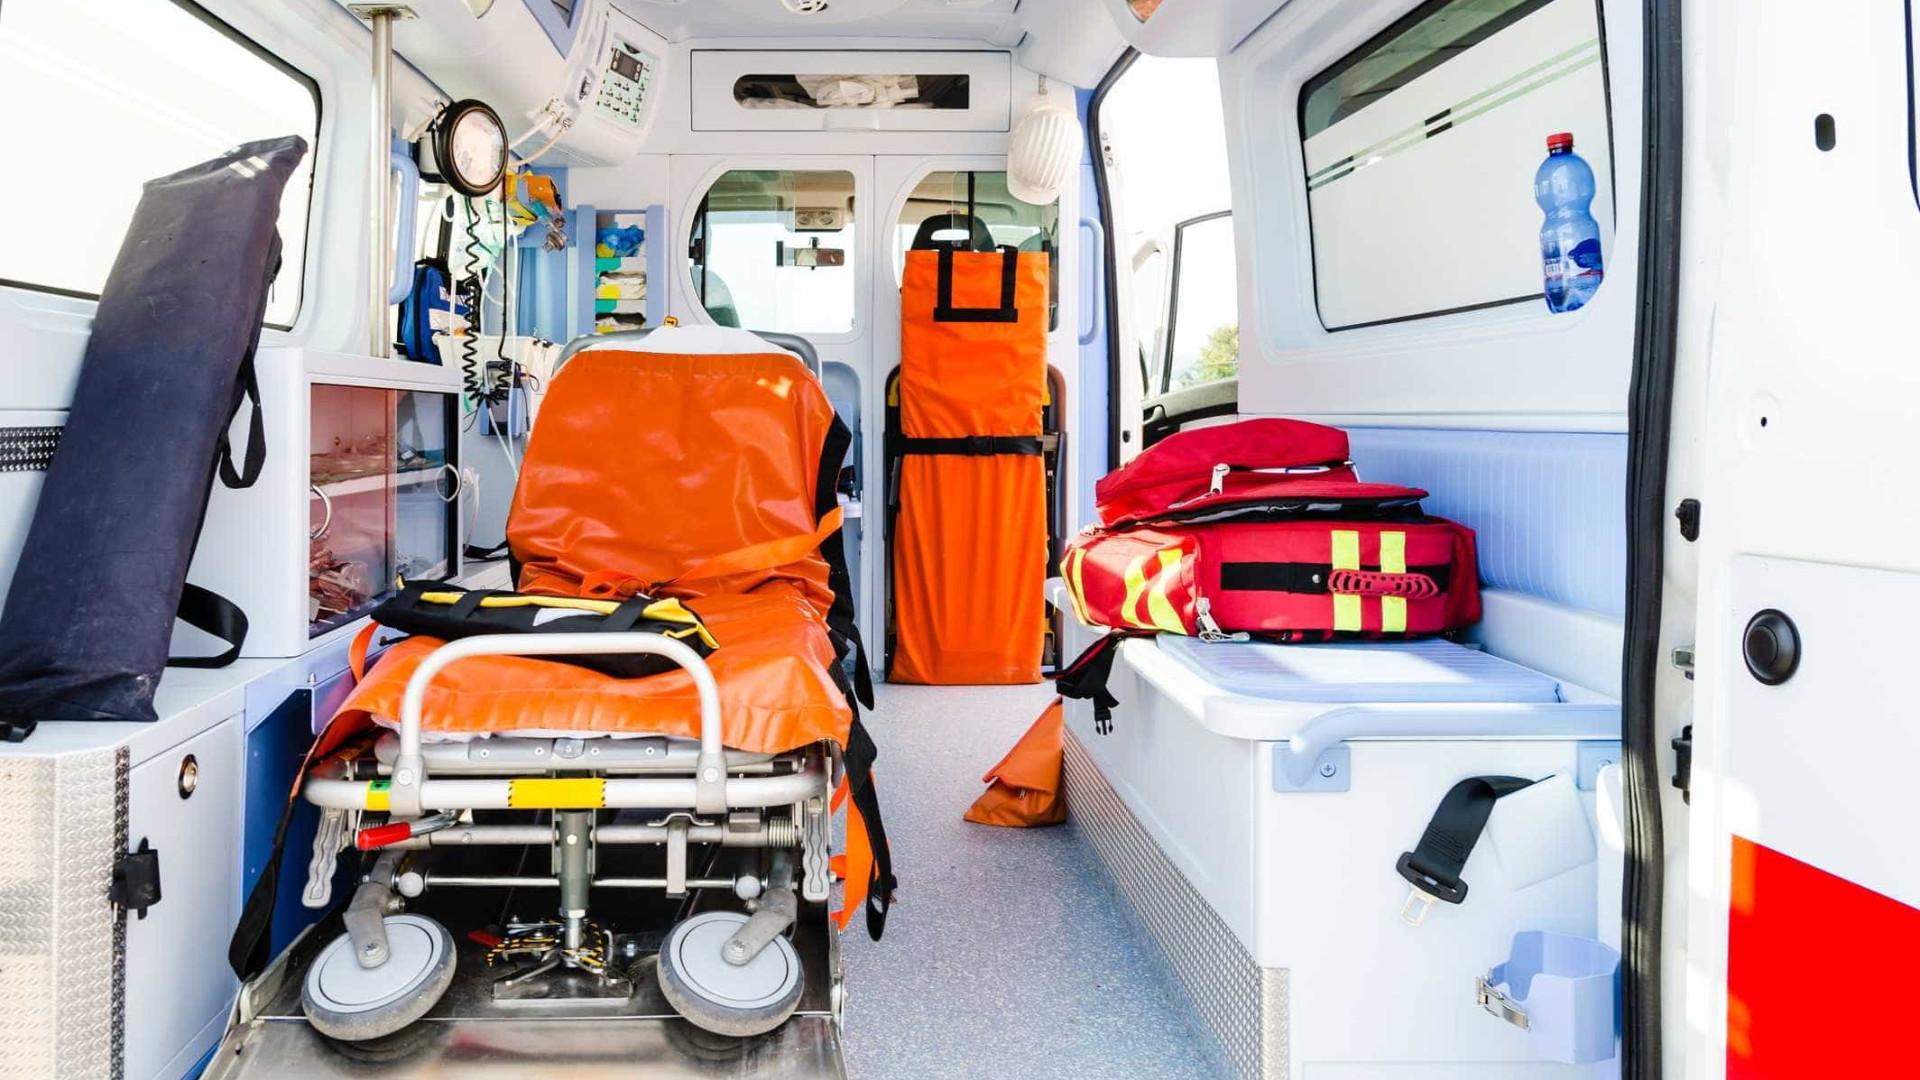 Mulher inconsciente violada em ambulância por quem lhe prestava auxílio